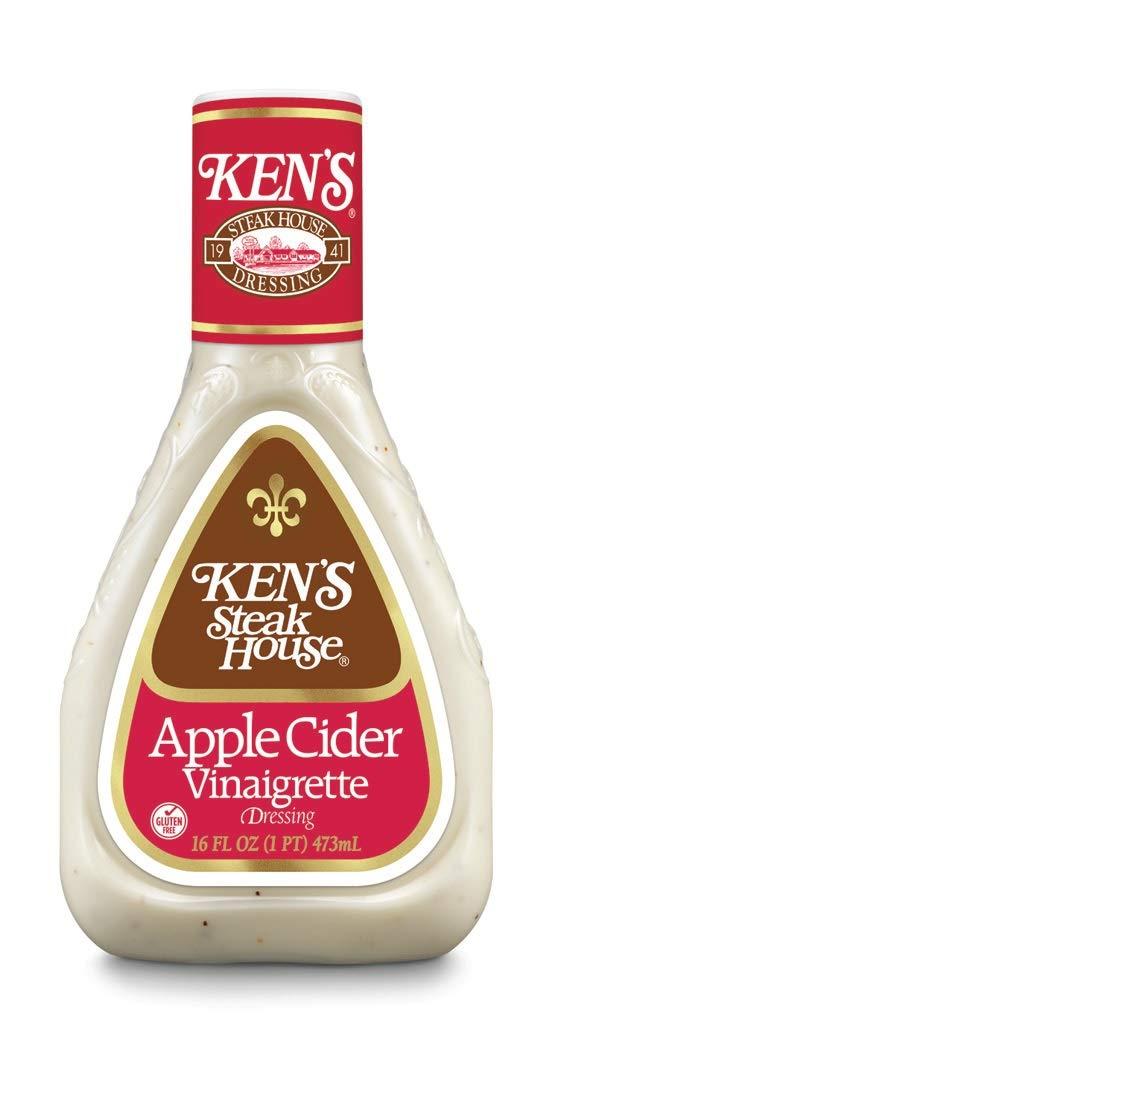 Ken's Steak House Apple Cider Vinaigrette Dressing, 16 fl oz (Pack of 2)